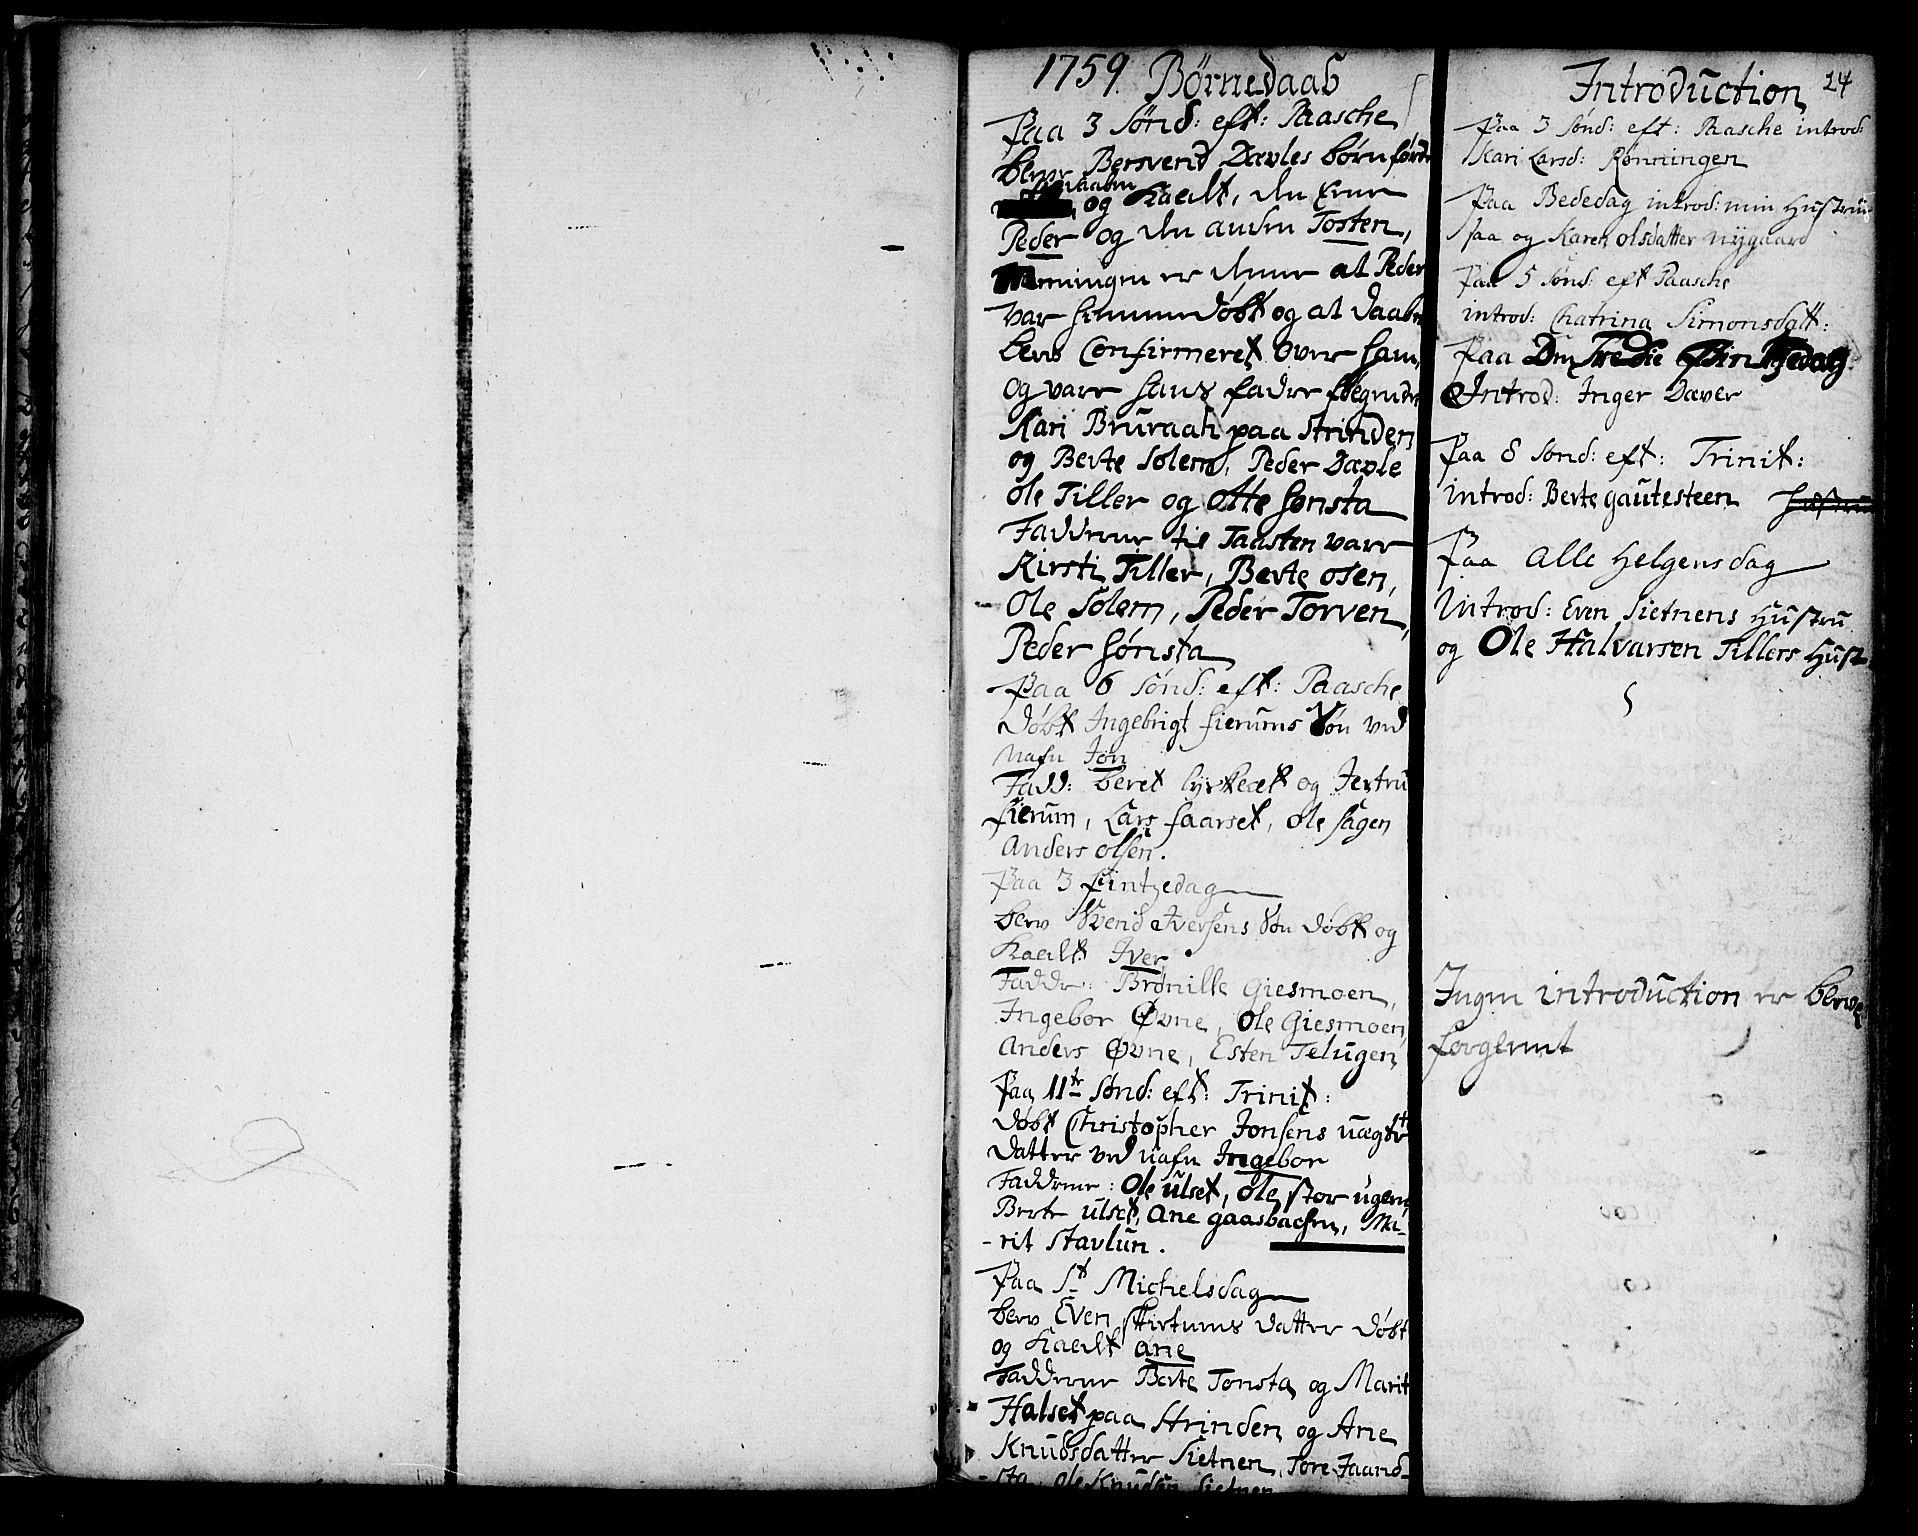 SAT, Ministerialprotokoller, klokkerbøker og fødselsregistre - Sør-Trøndelag, 618/L0437: Ministerialbok nr. 618A02, 1749-1782, s. 24